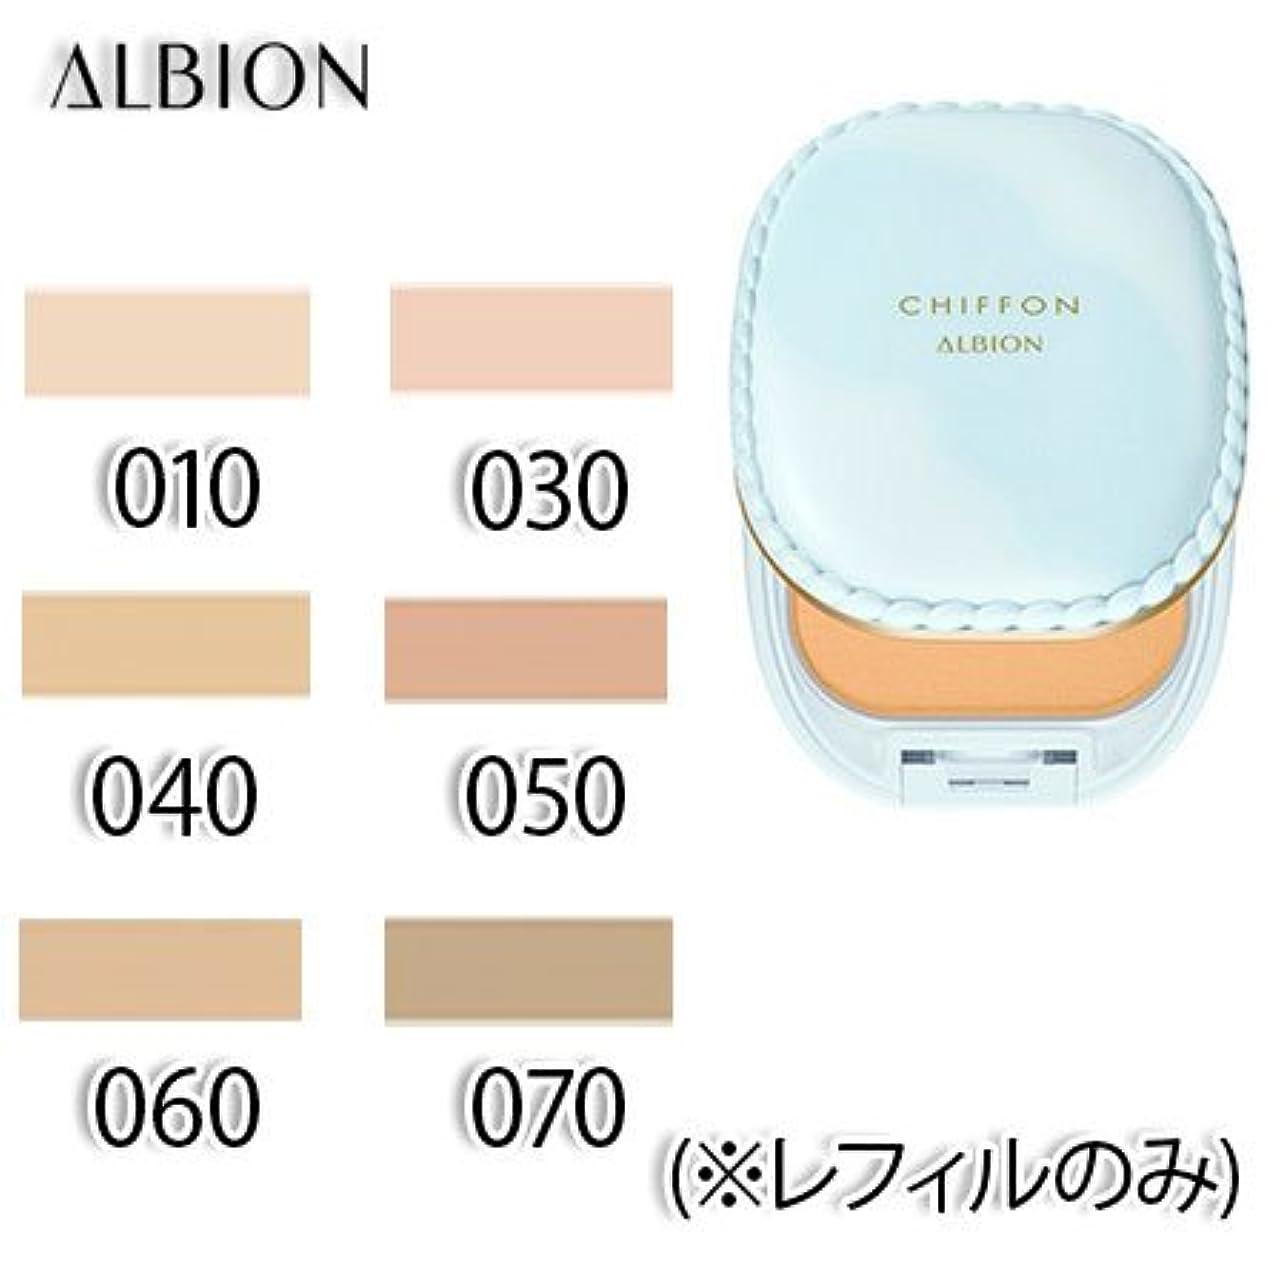 コードレス失望させる存在アルビオン スノー ホワイト シフォン 全6色 SPF25?PA++ 10g (レフィルのみ) -ALBION- 050